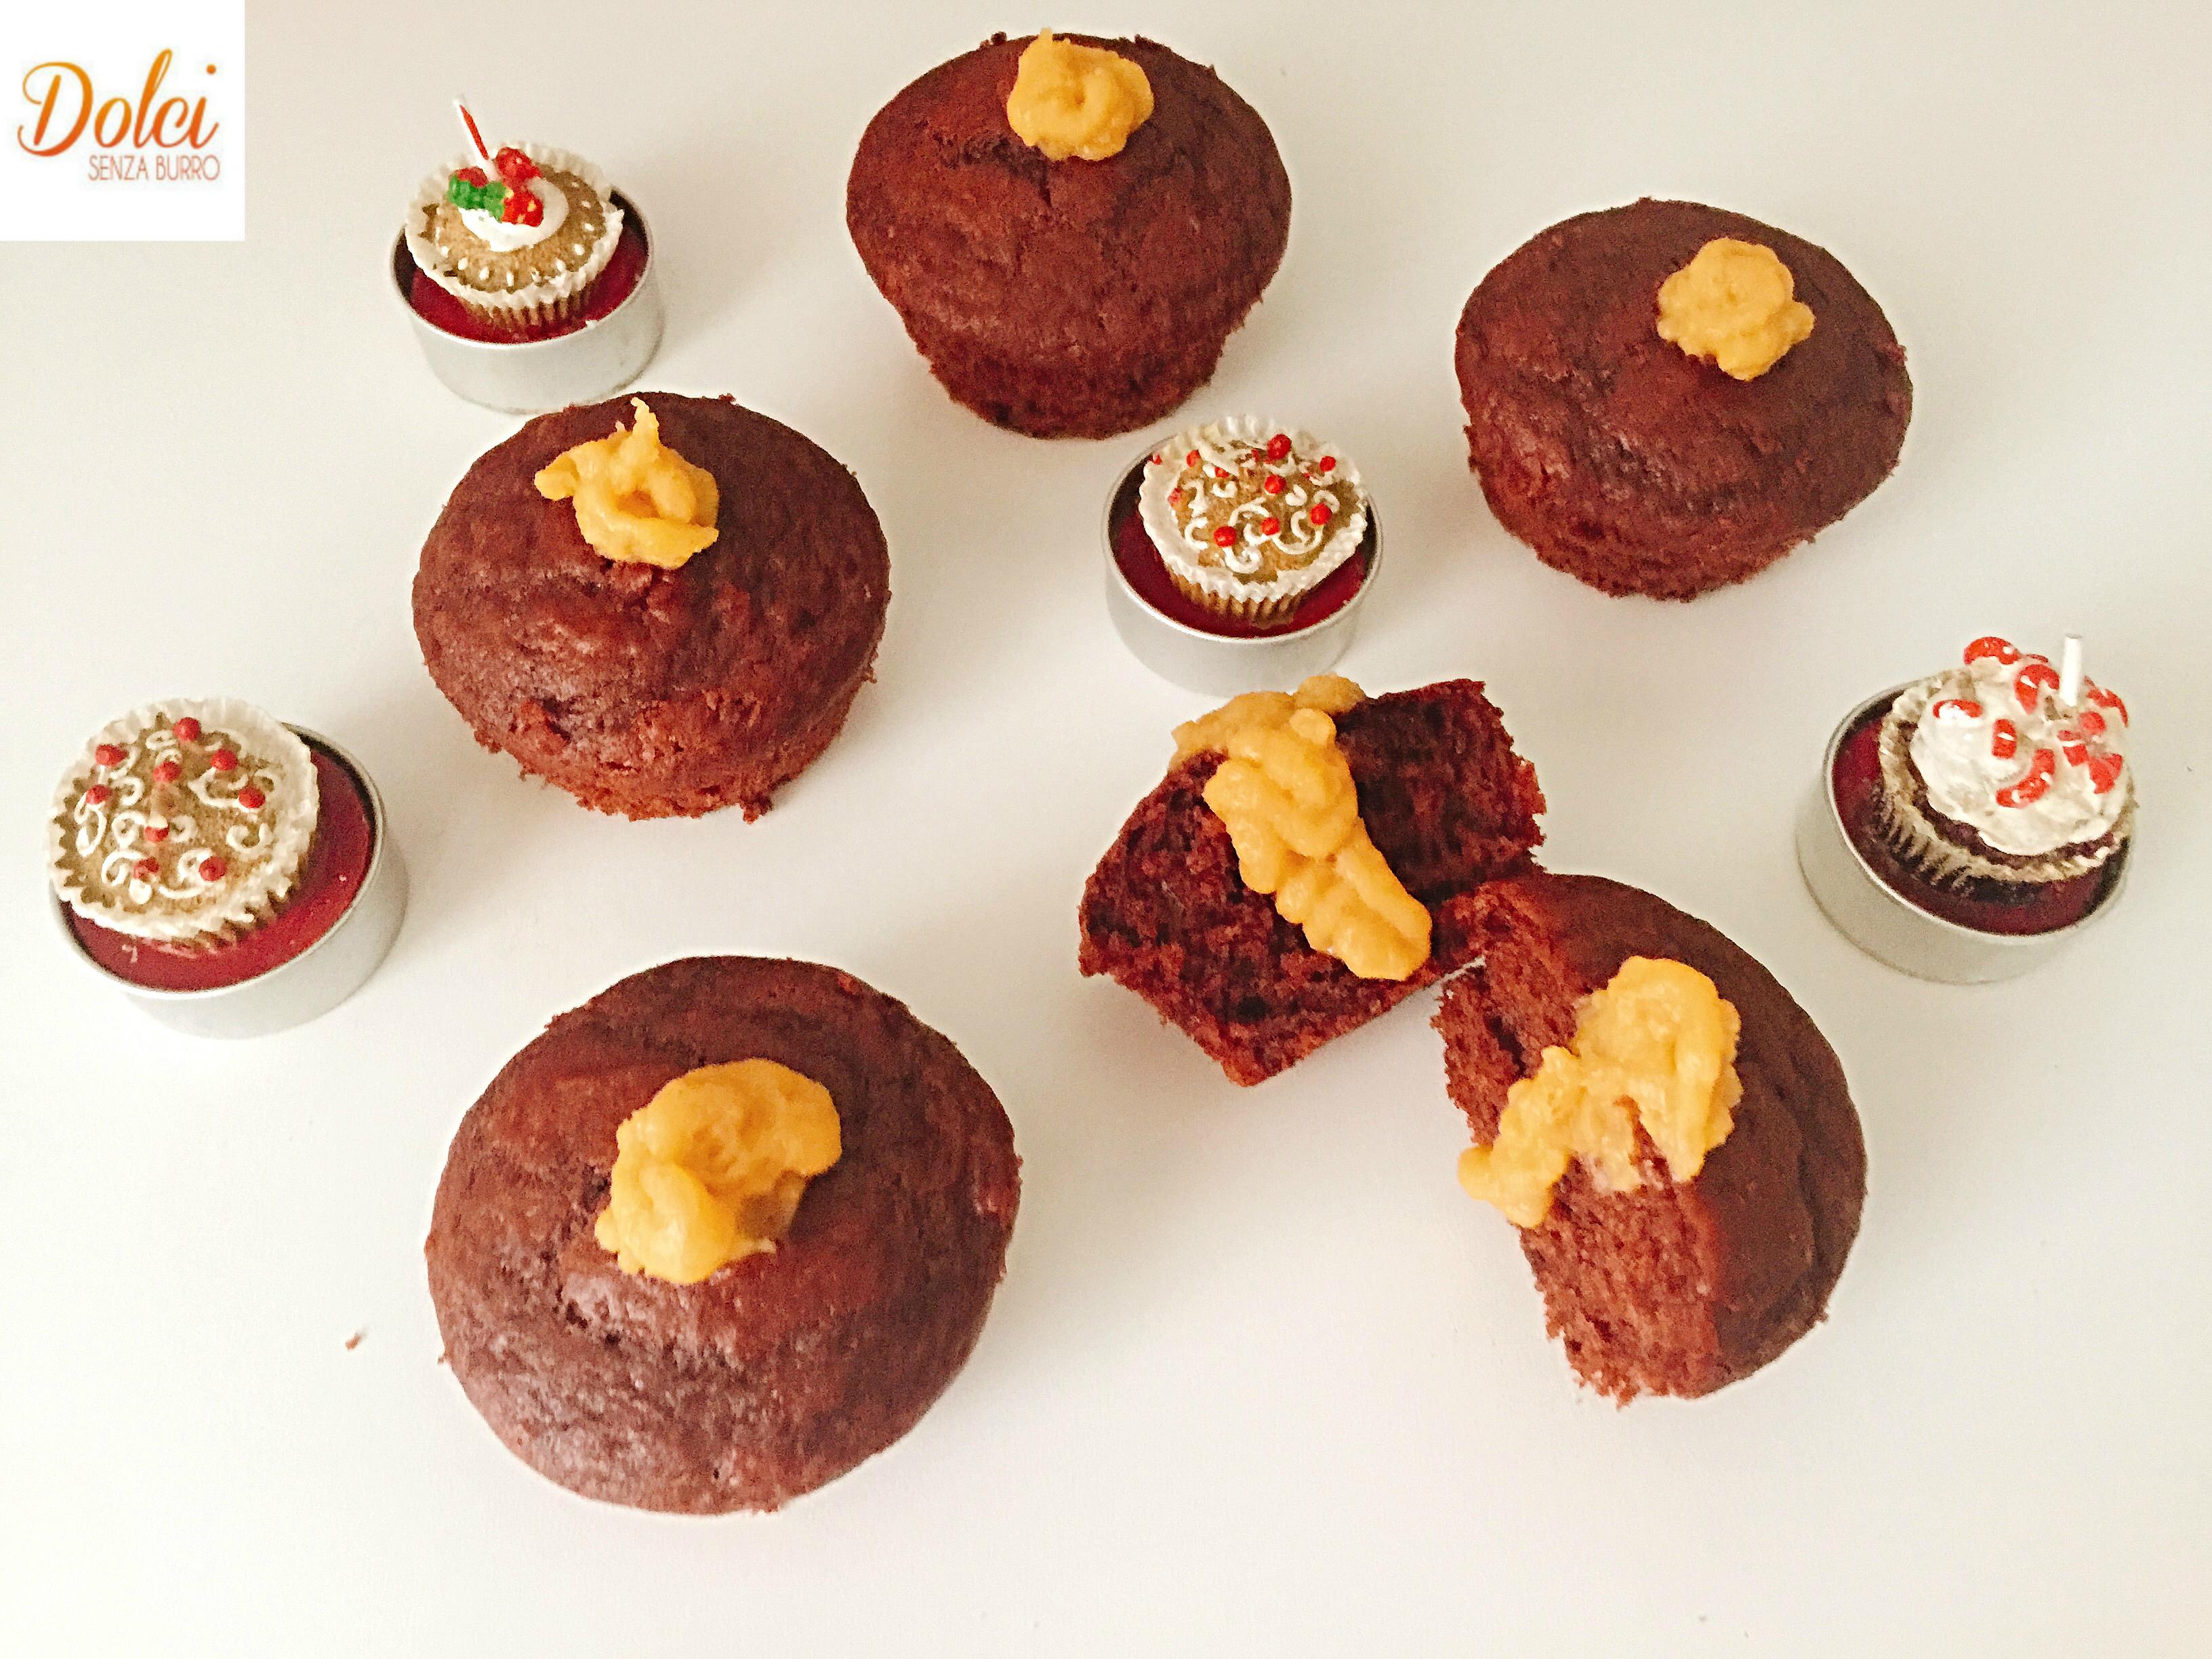 Muffin allo Zabaione Senza Burro, dei golosi muffin soffici e goduriosi di dolci senza burro!